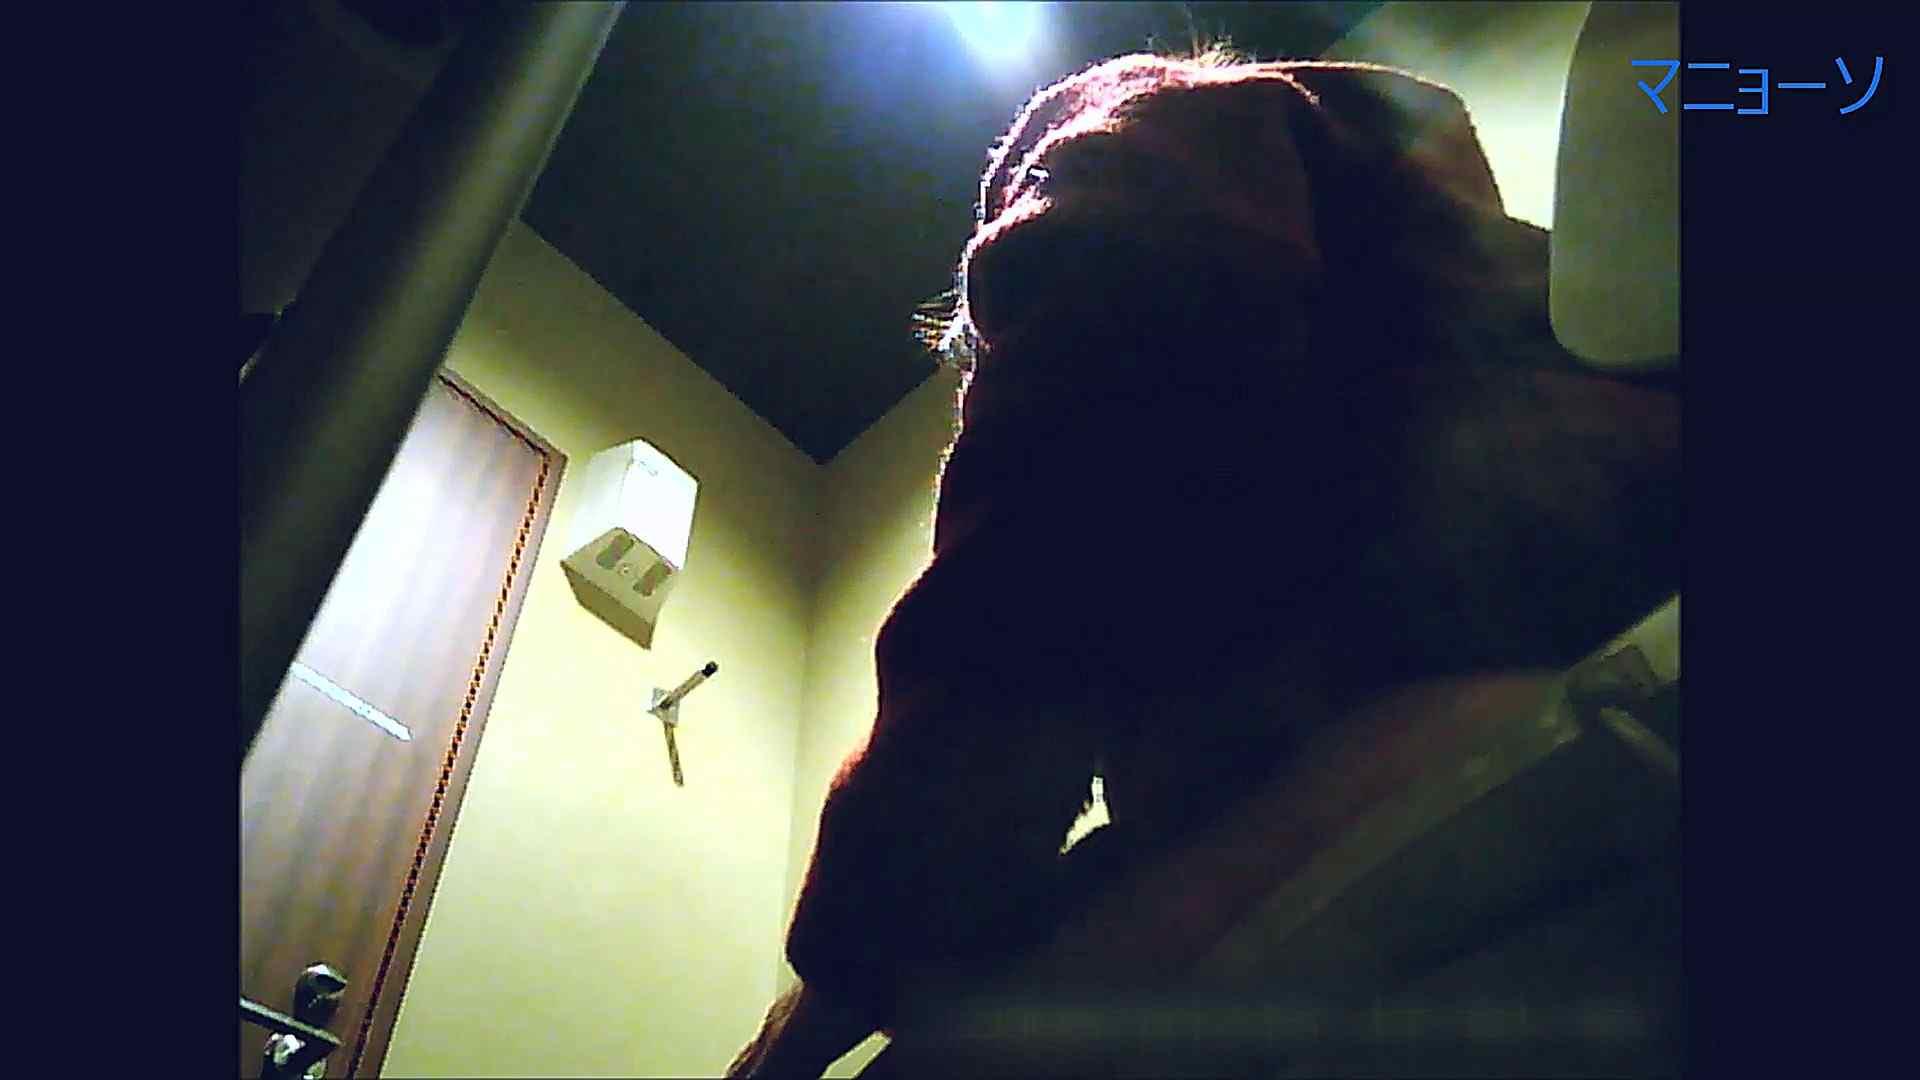 トイレでひと肌脱いでもらいました (JD編)Vol.07 トイレ中 | OL  36連発 14